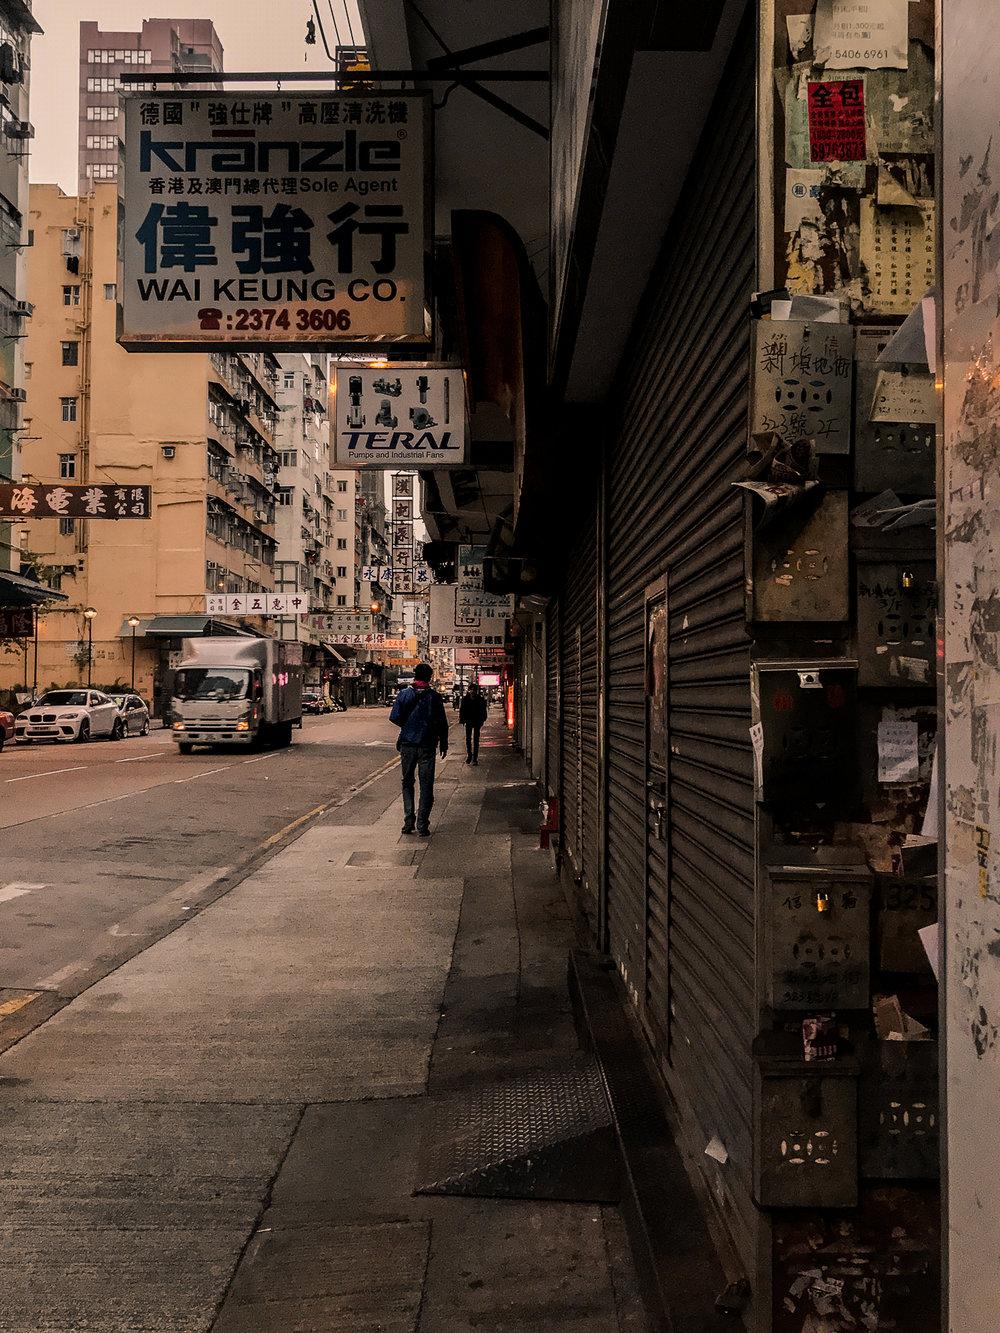 biyplay Snaps in Hong Kong - Yes! Please Enjoy-9.jpg